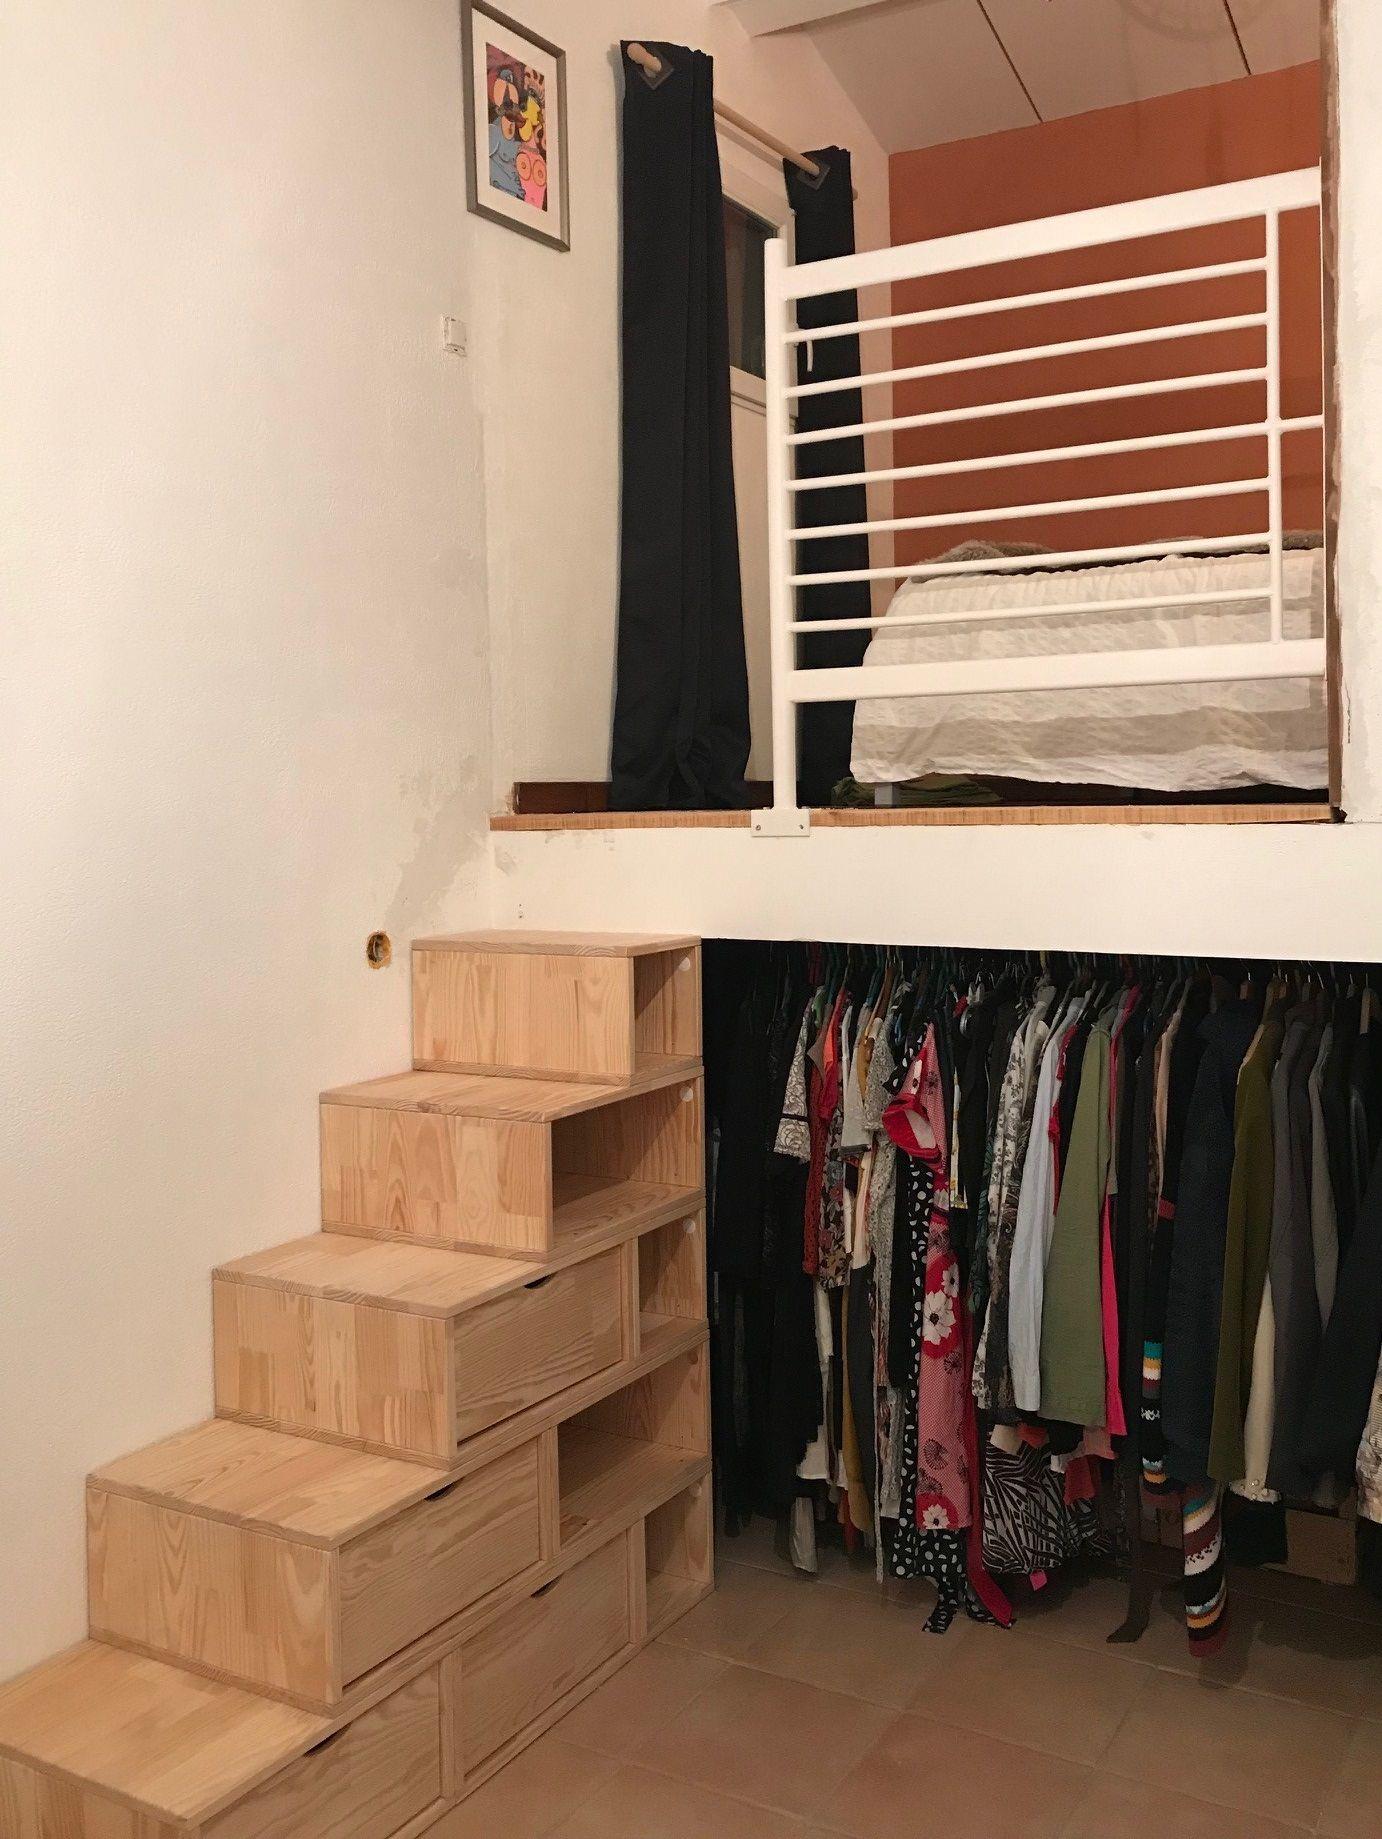 Escalier Cube de rangement hauteur 100 cm en 2020   Meuble escalier, Rangement hauteur et Cube ...